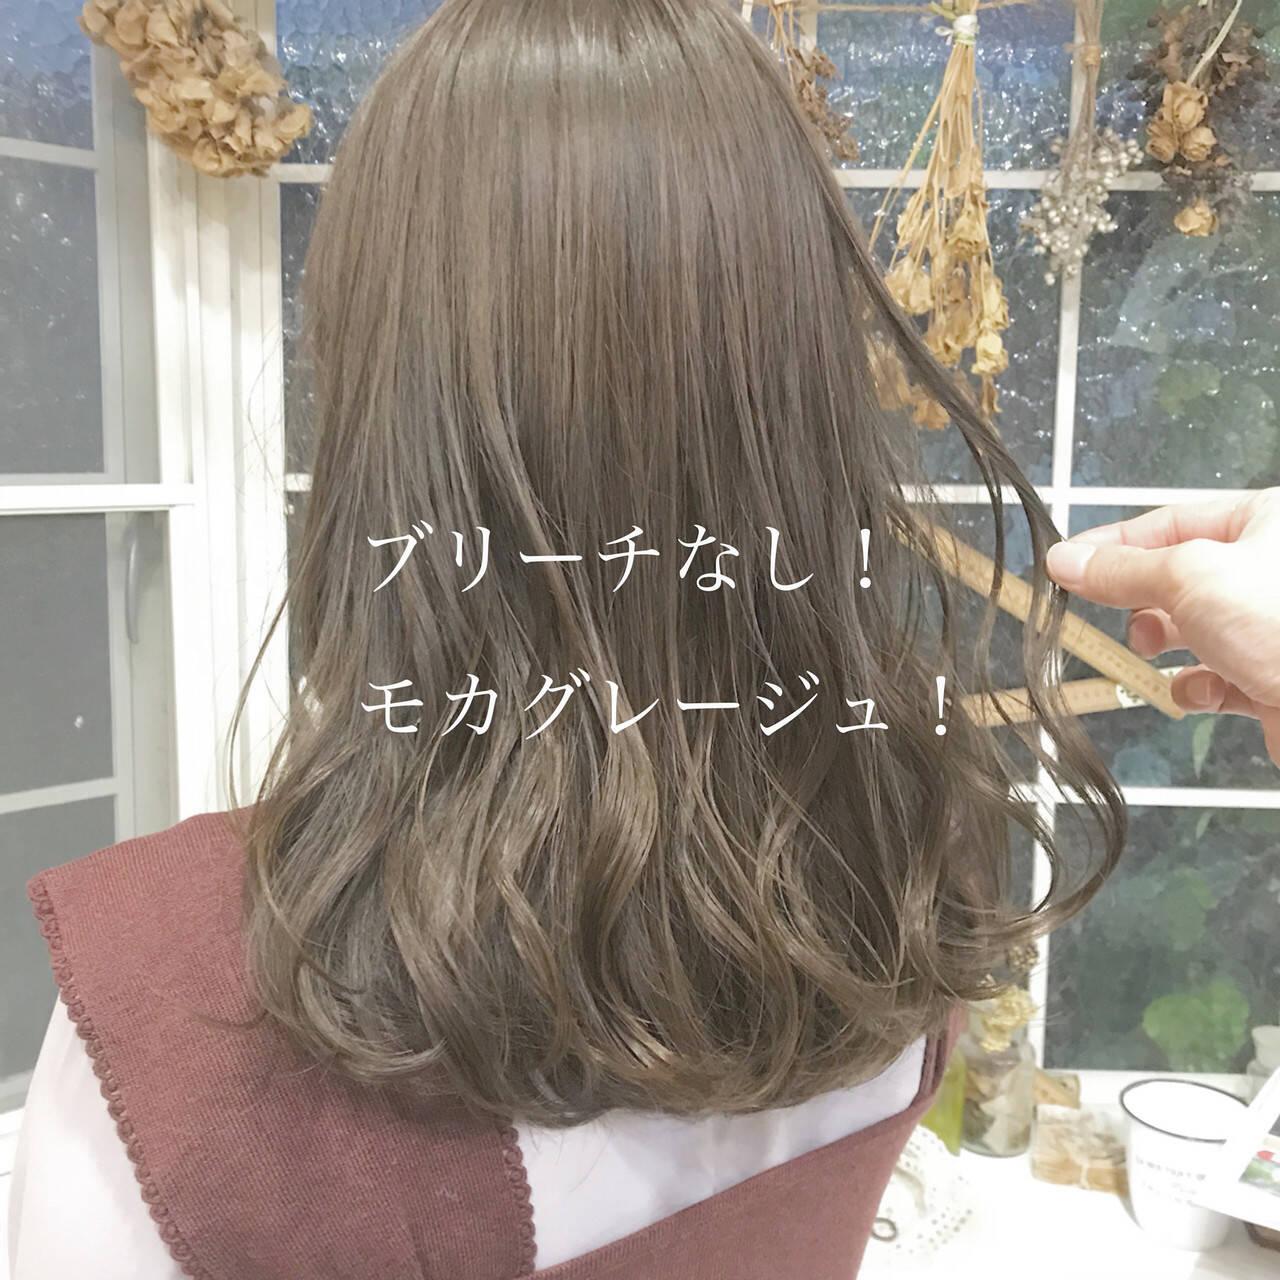 ナチュラル グレージュ ヘアカラー ロングヘアスタイルや髪型の写真・画像